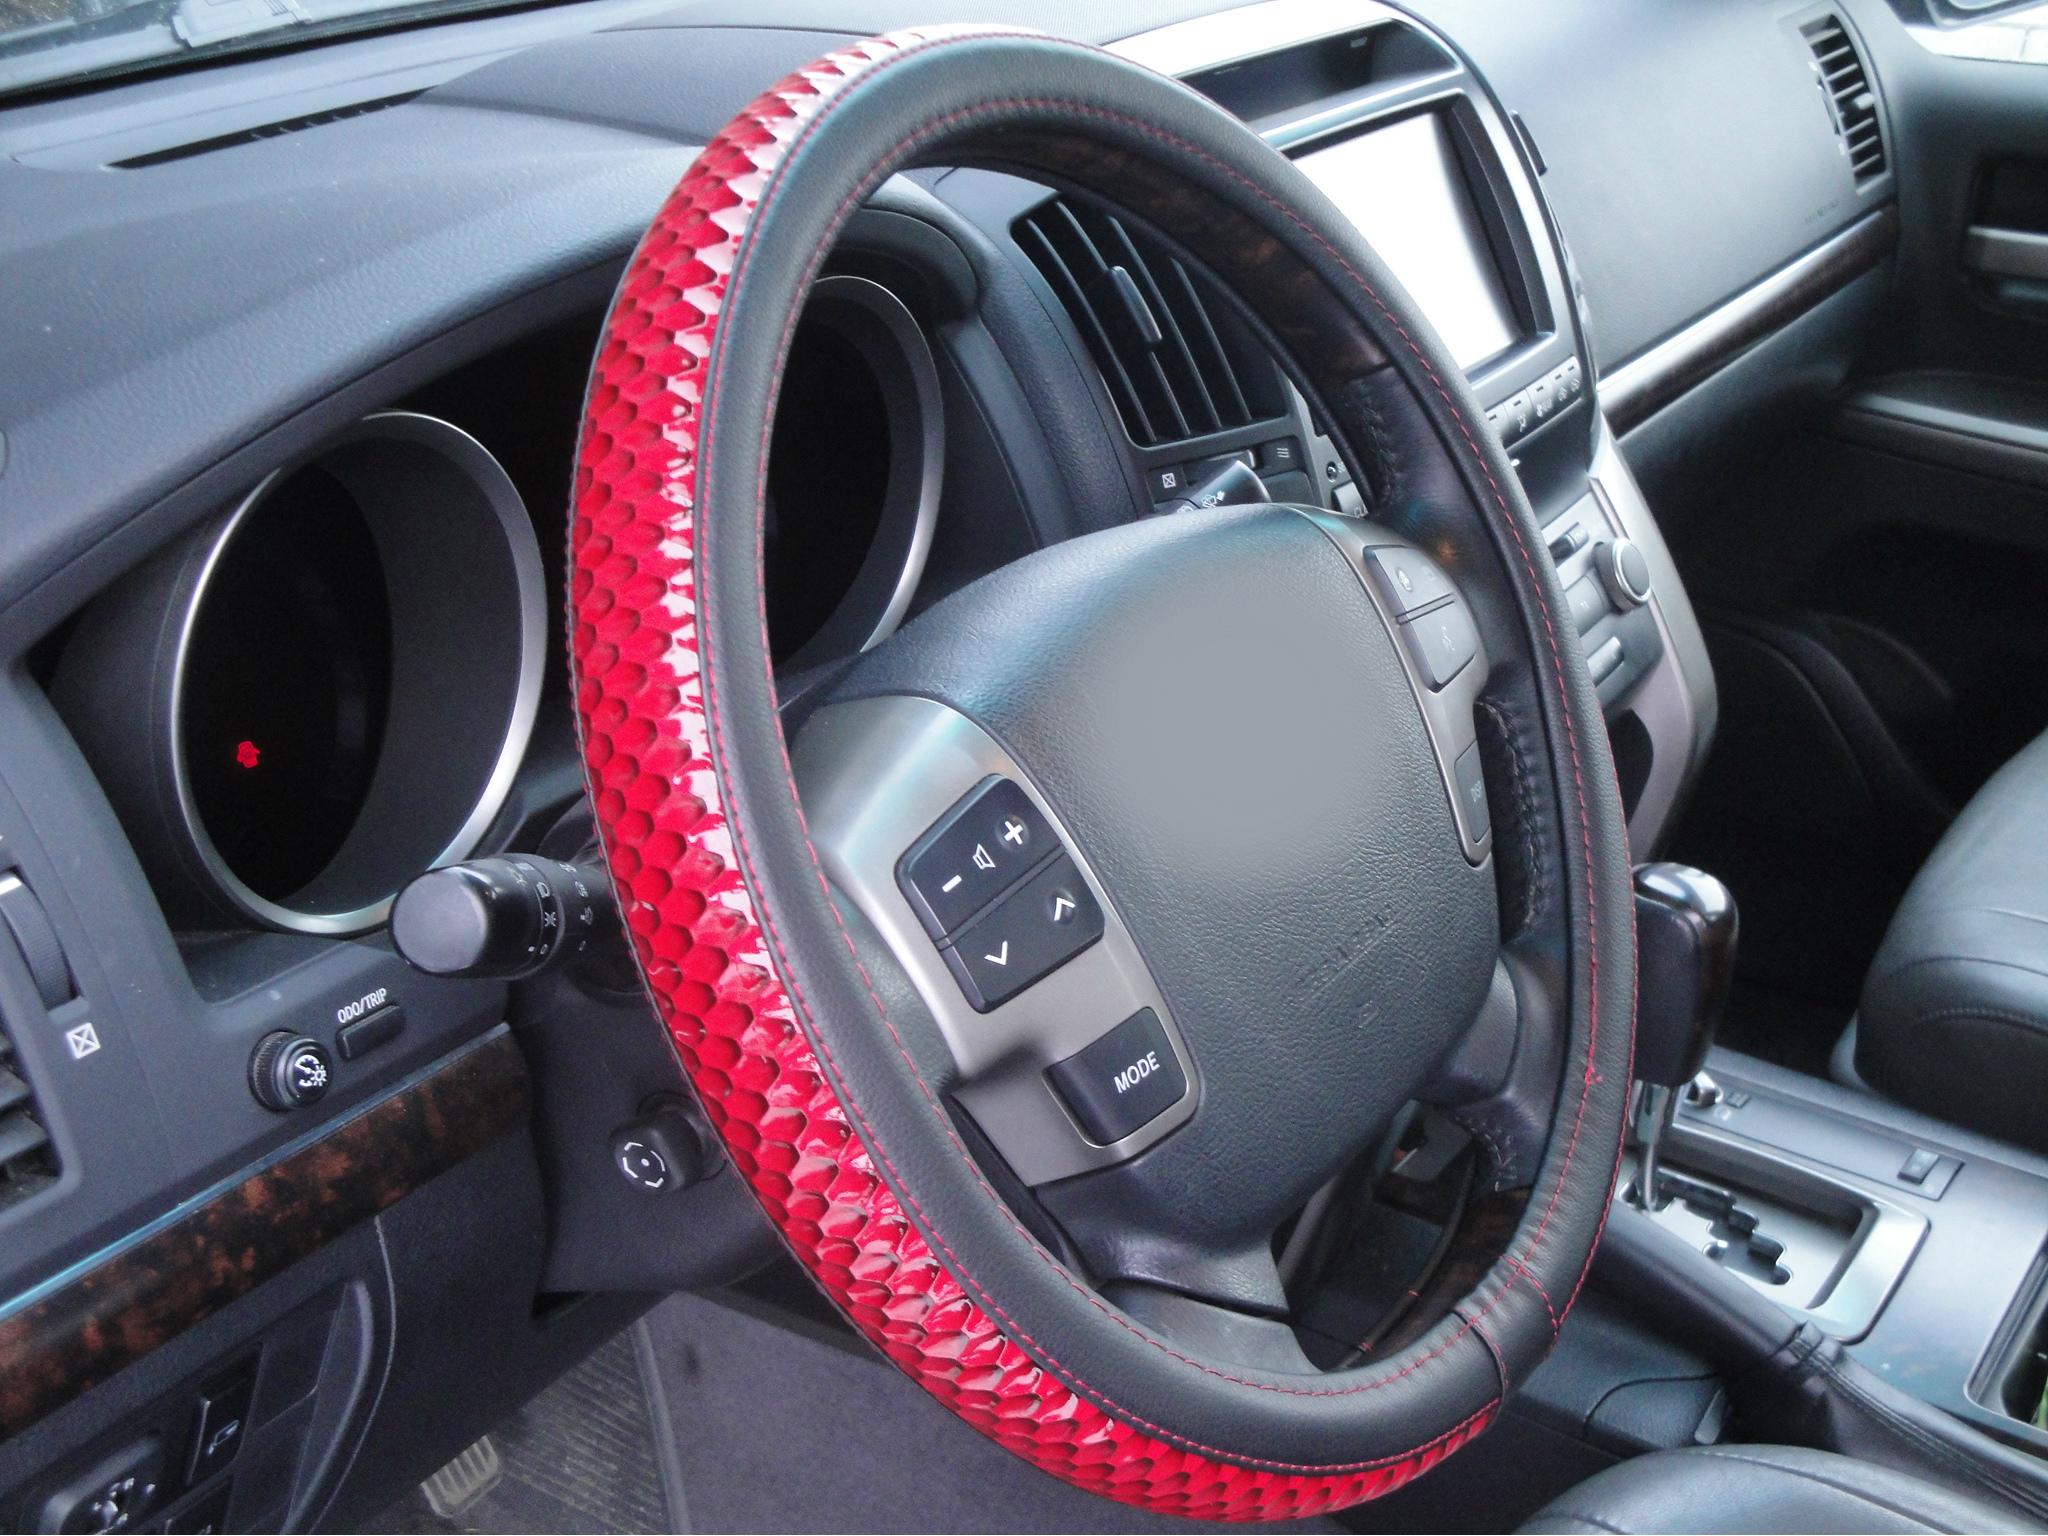 Auto-Gabarit - все для Вашего автомобиля .Преобразим свою машину.